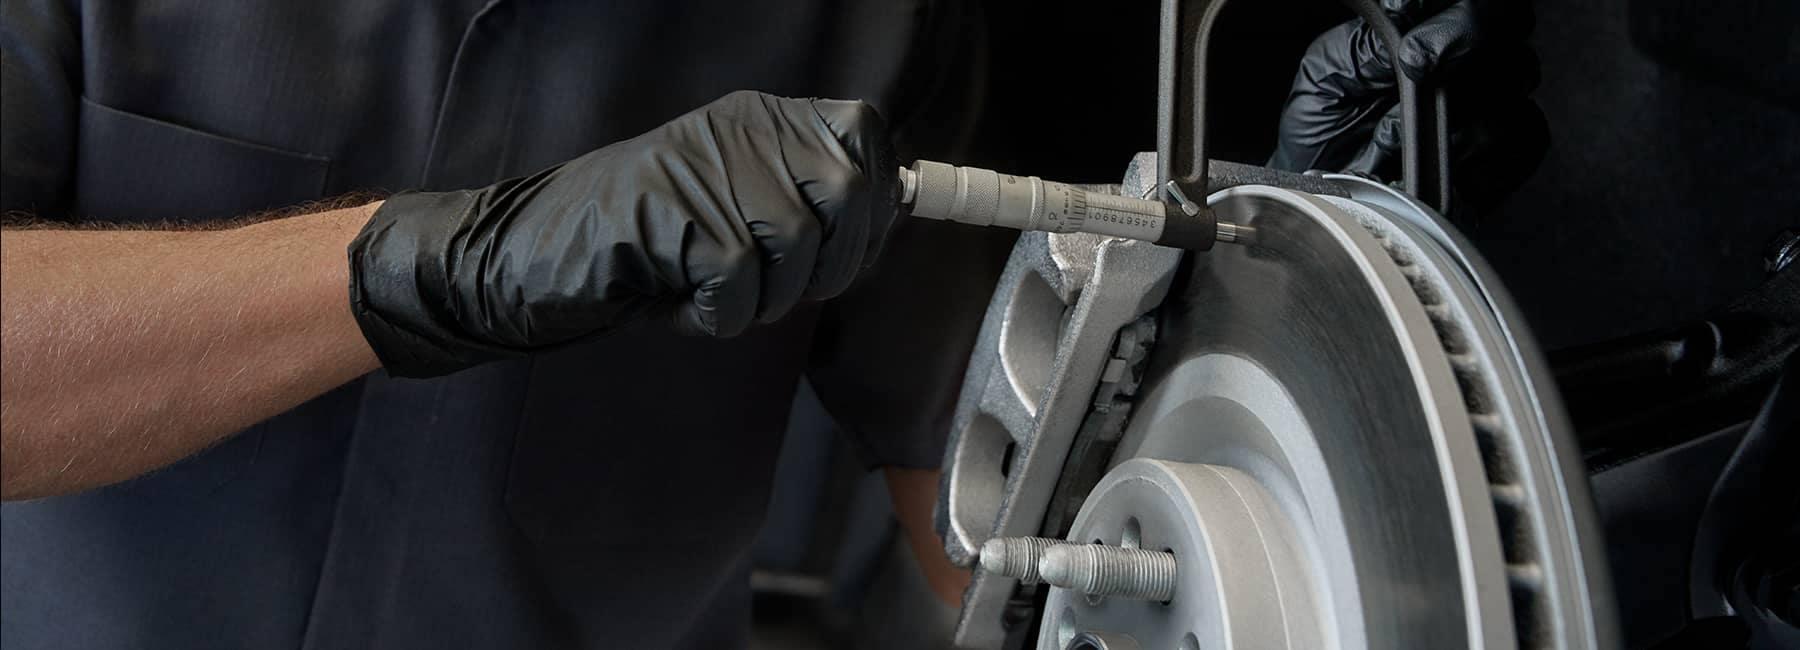 A mechanic changing brake pads